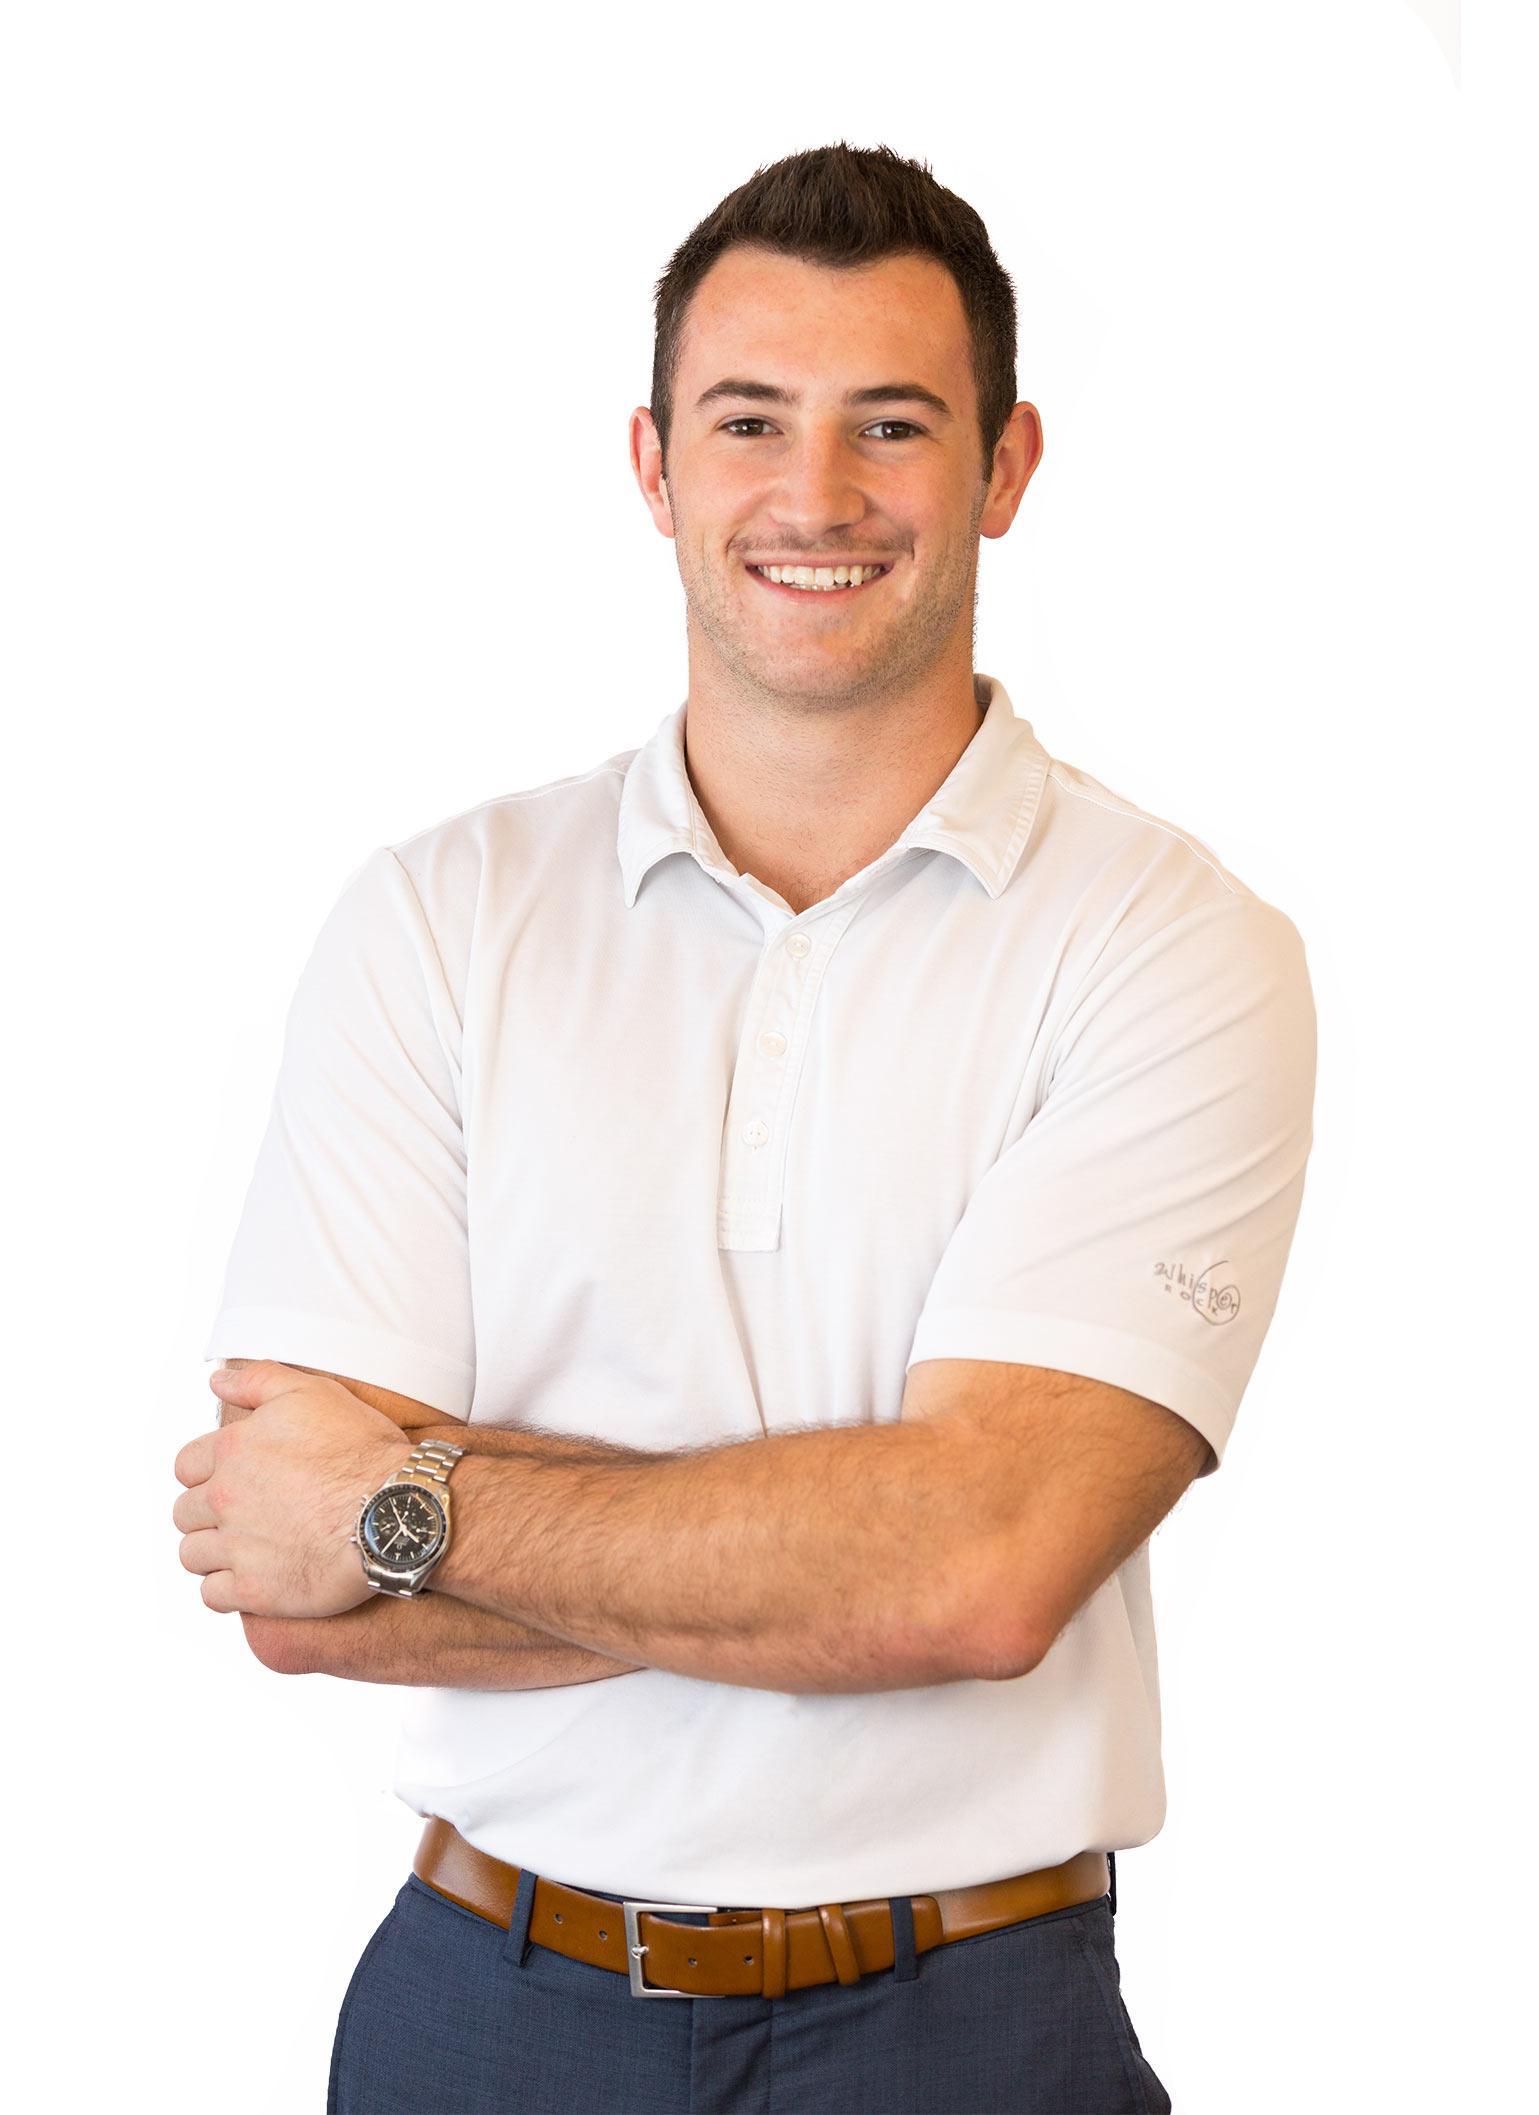 Zach Gresham